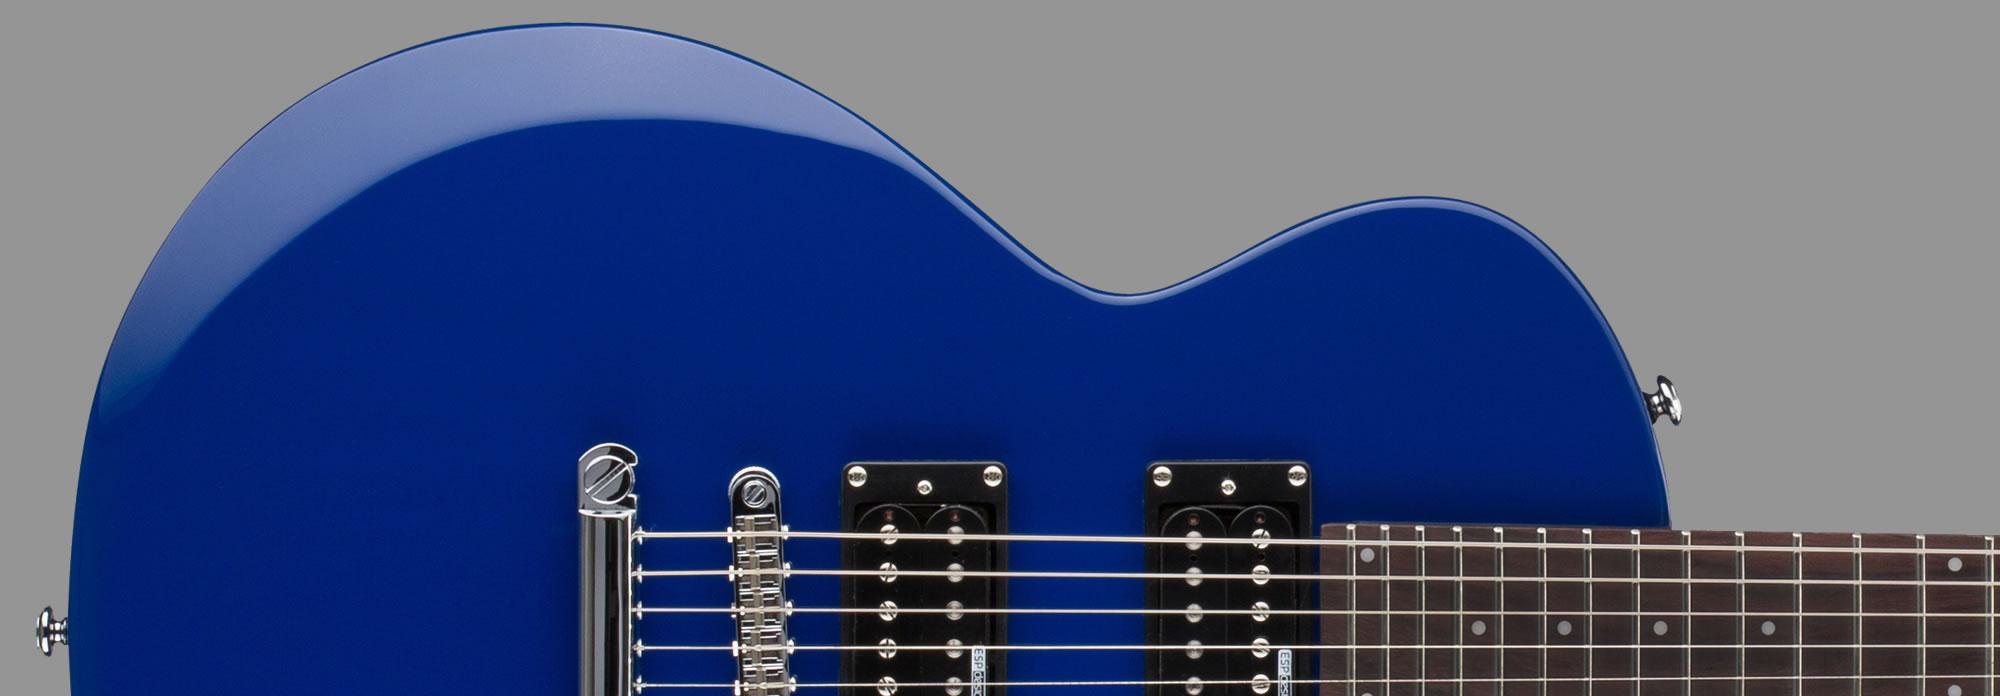 ESP LTD EC-10 Blue